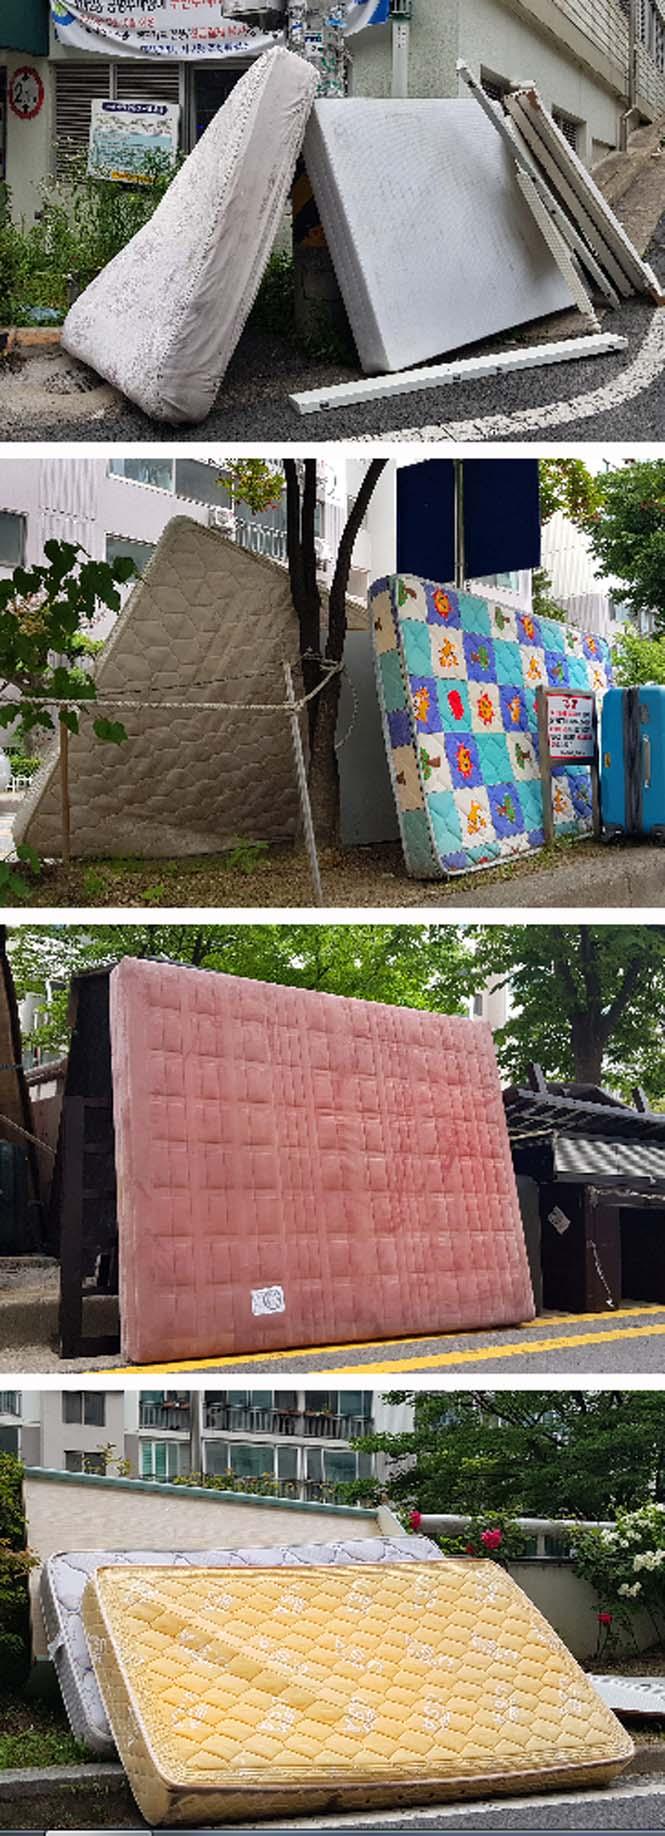 '혹시나' 하는 불안감…버려지는 침대들